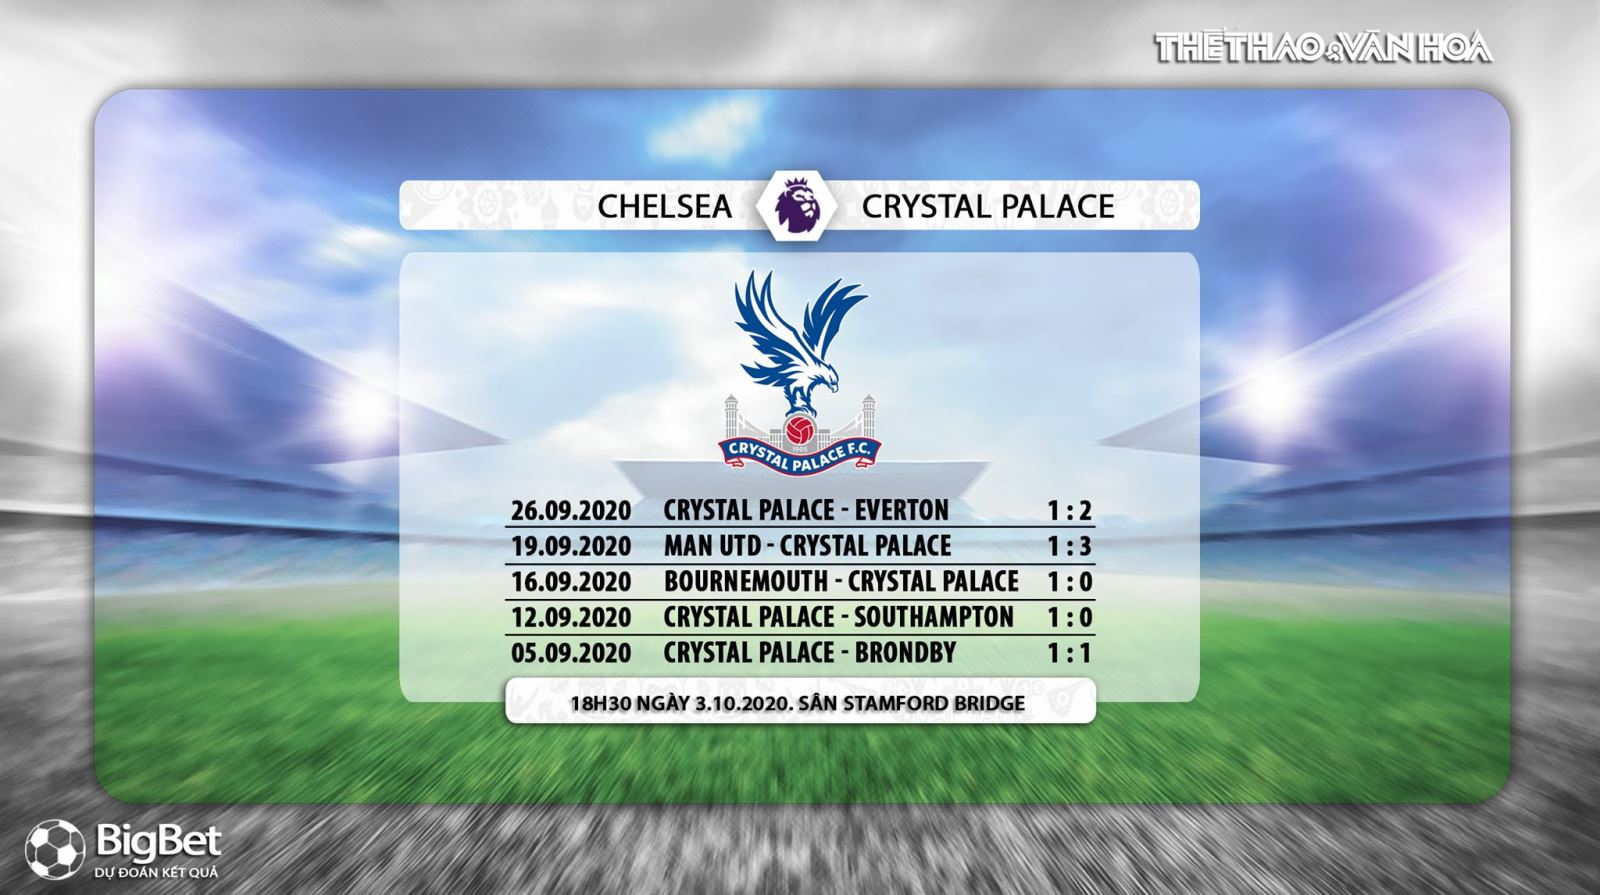 Trực tiếp Chelsea vs Crystal Palace, truc tiep bong da, K+, Trực tiếp bóng đá Anh, Trực tiếp K+PM, ngoại hạng Anh vòng 4, trực tiếp bóng đá Ngoại hạng Anh, Chelsea